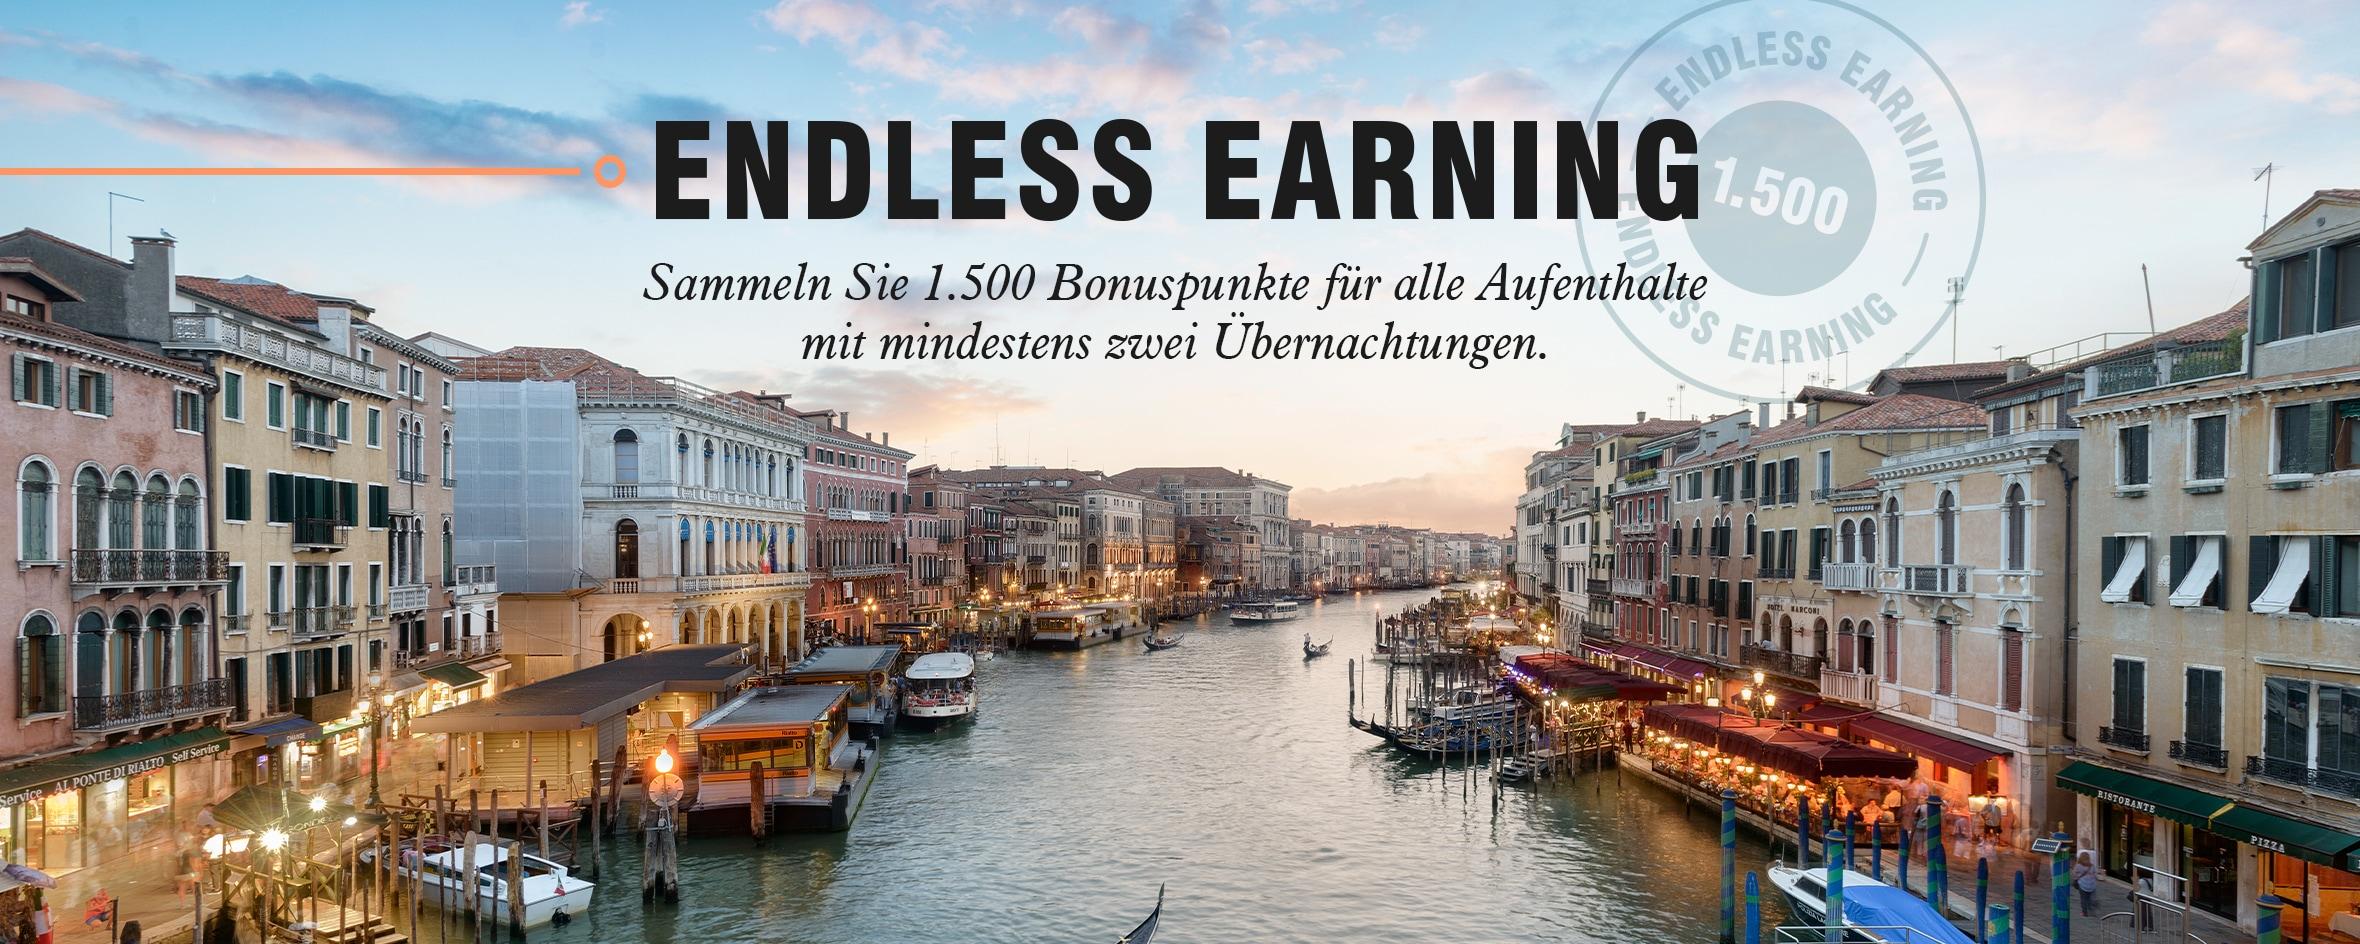 Endless Earning. Sammeln Sie 1.500 Bonuspunkte für alle Aufenthalte ab zwei Übernachtungen.